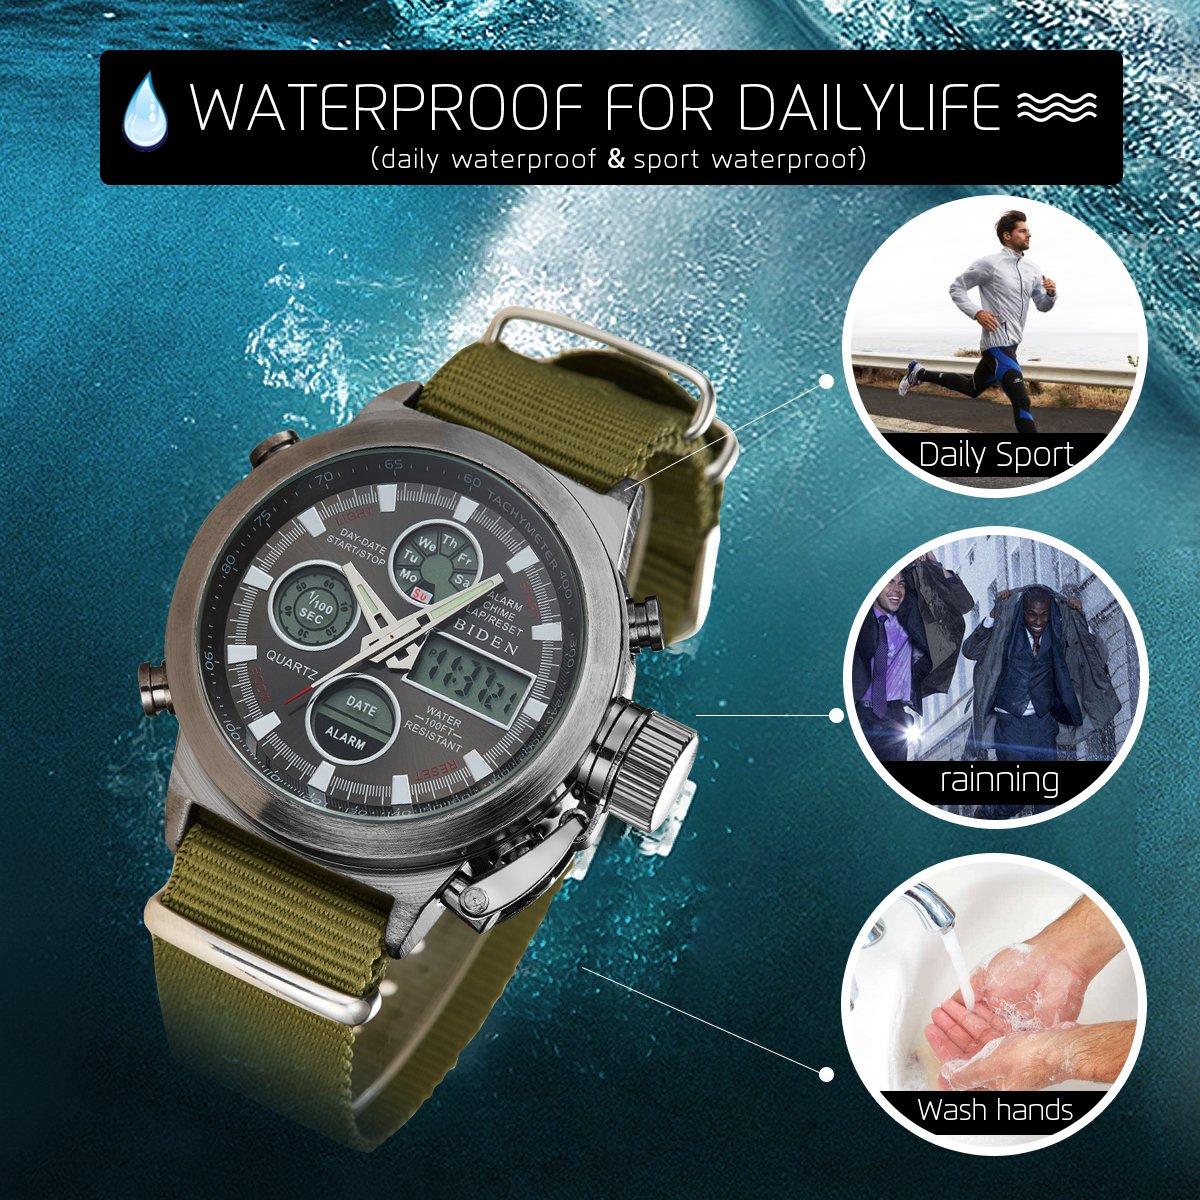 BIDEN Watch, Watch Men Digital Analog Sport Waterproof Watch,Multifunction LED Date Alarm Leather Wrist Watch (GreenBlack) by BIDEN (Image #6)